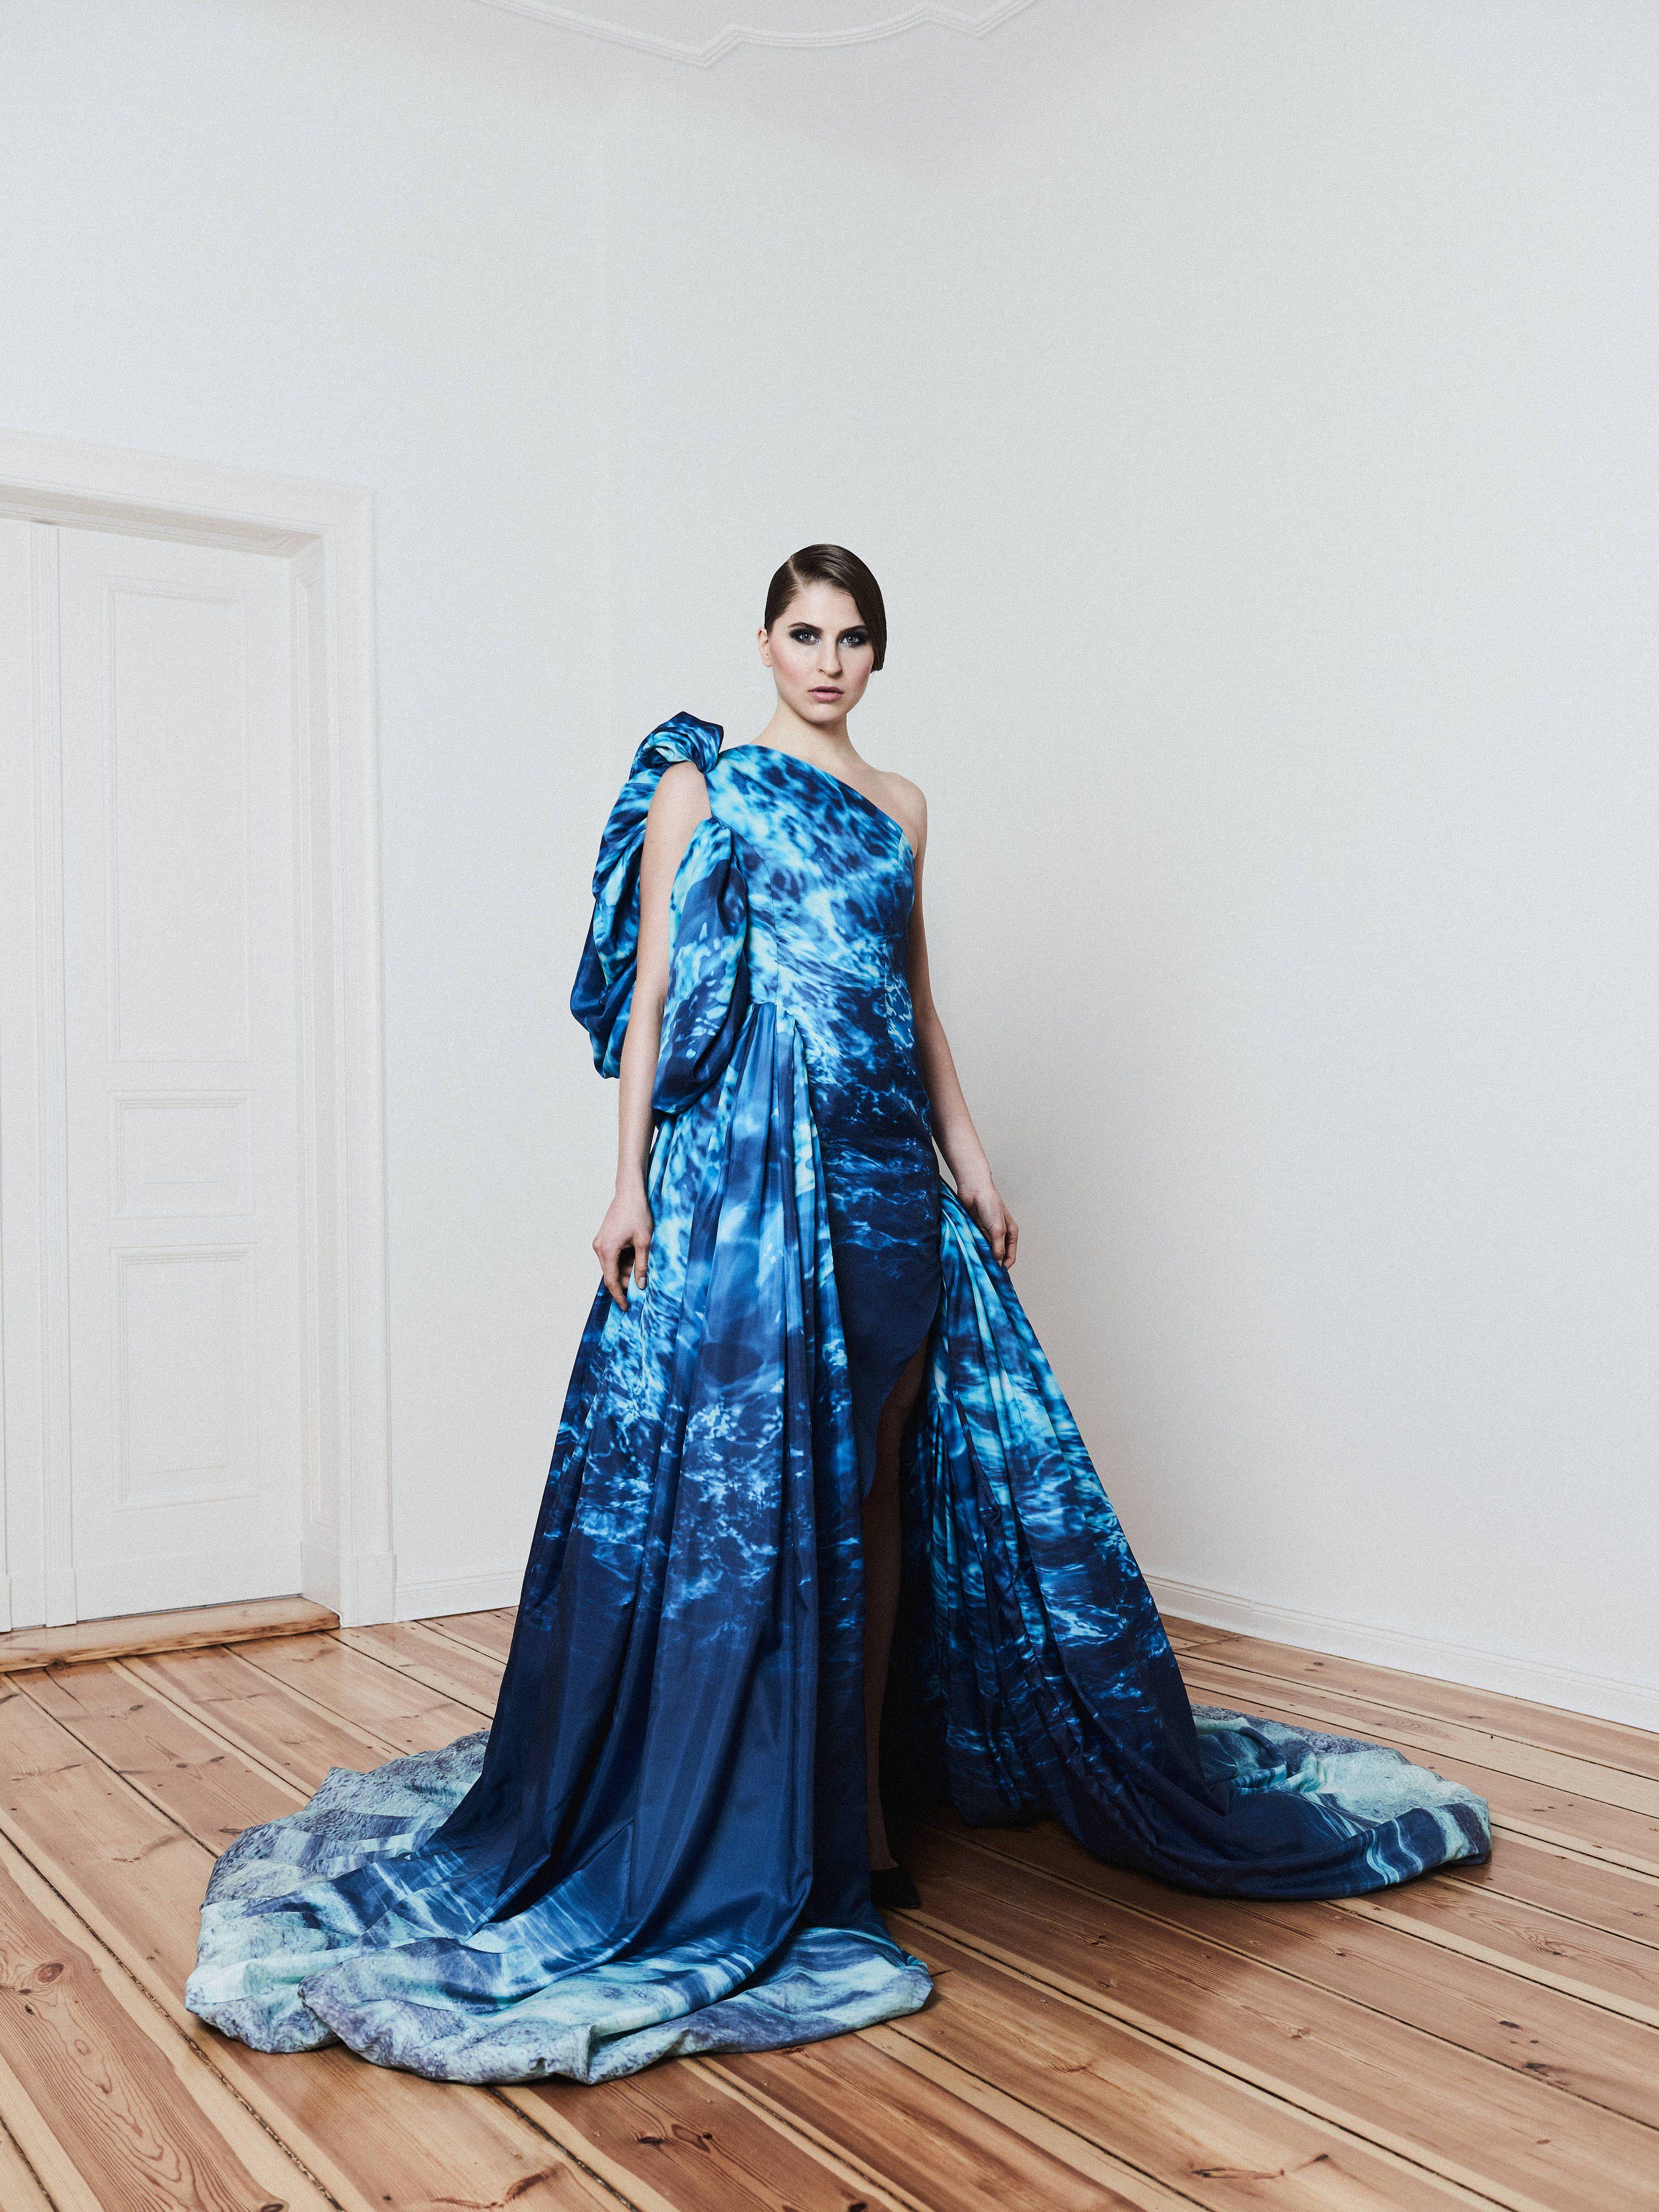 abendkleid, showkleid, blaues abendkleid mit wassermotiven